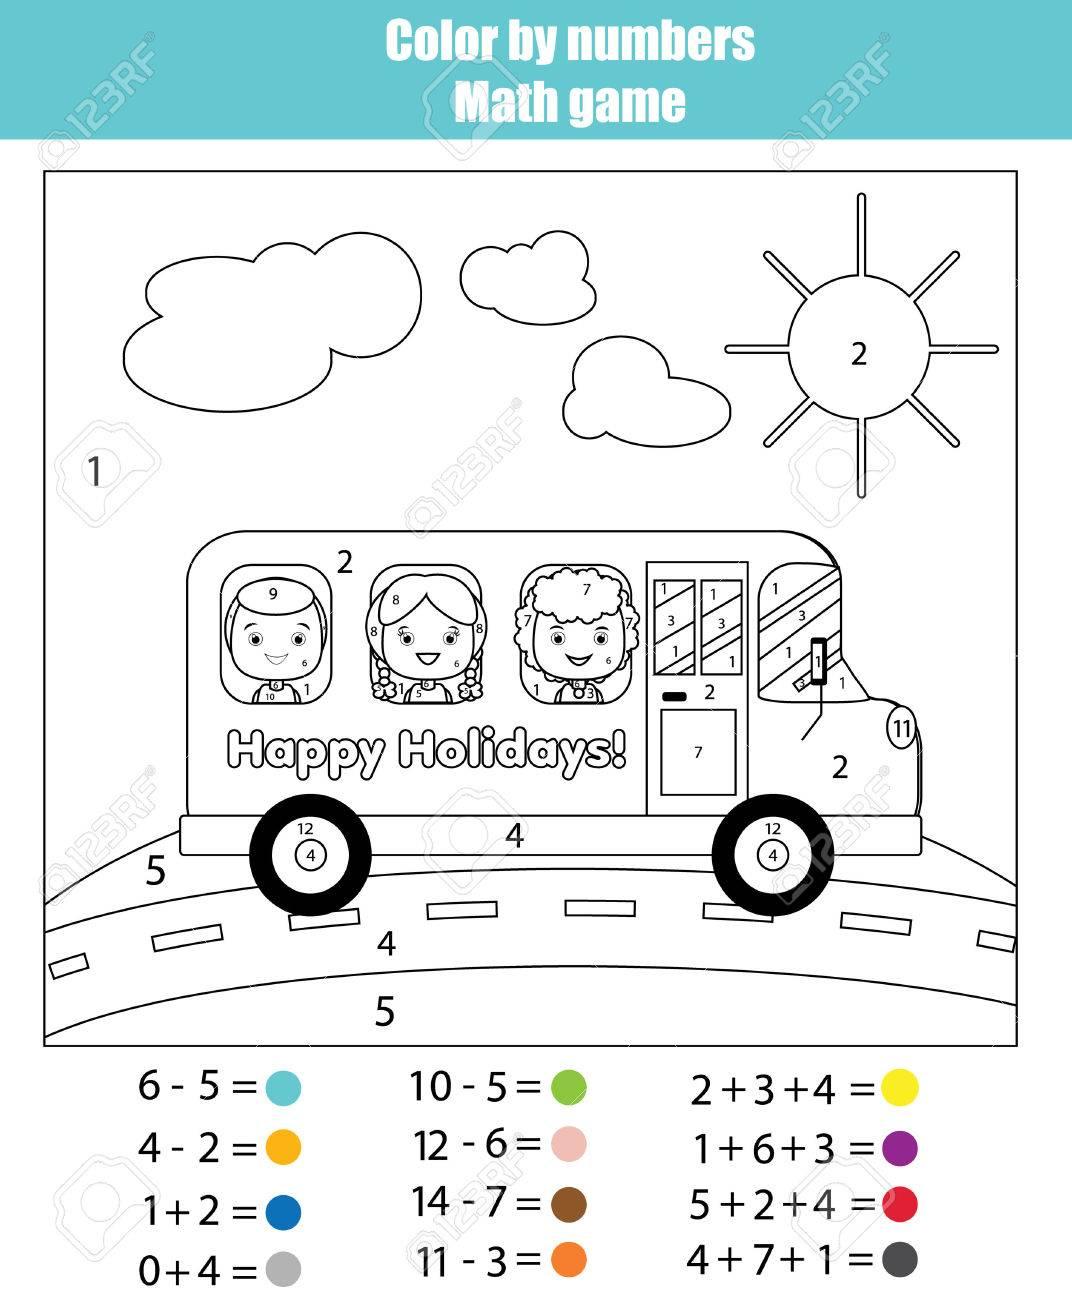 La Página De Colorear Con Los Niños Que Viajan En El Autobús Escolar ...